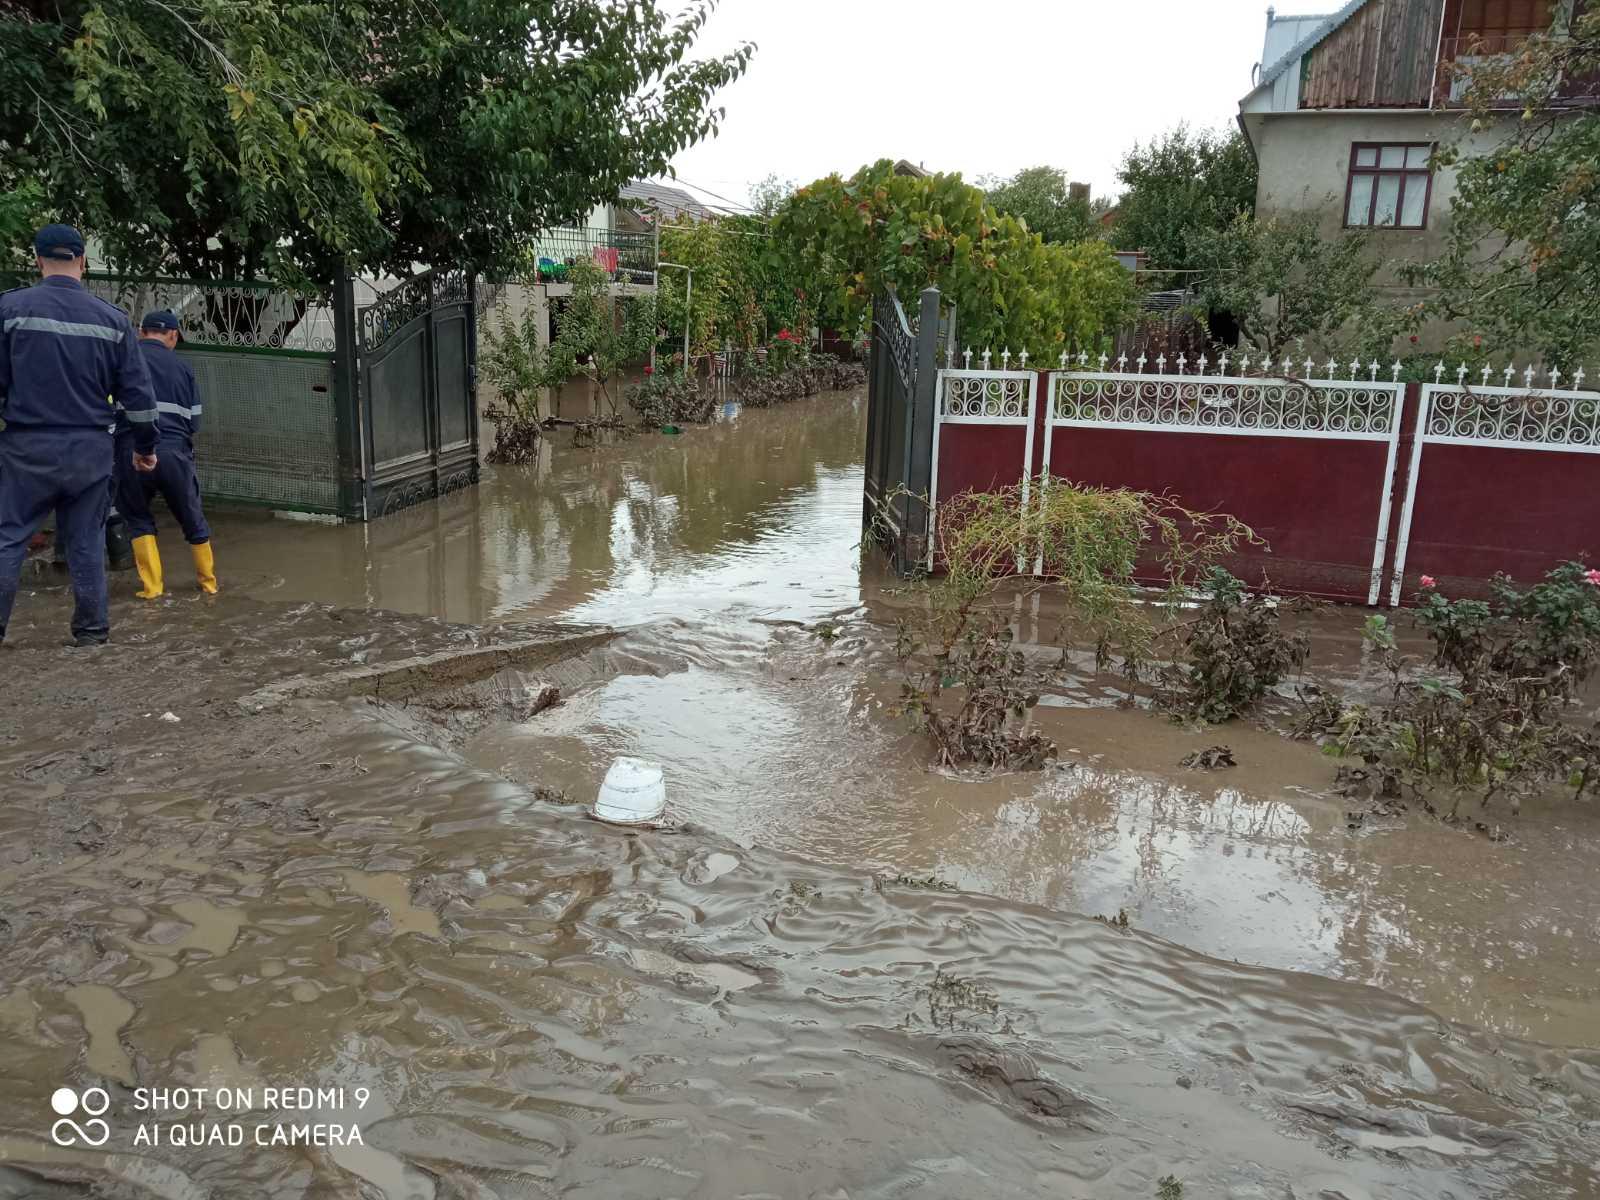 ВМолдове спасатели сообщили обущербе отпроливных дождей (ФОТО)